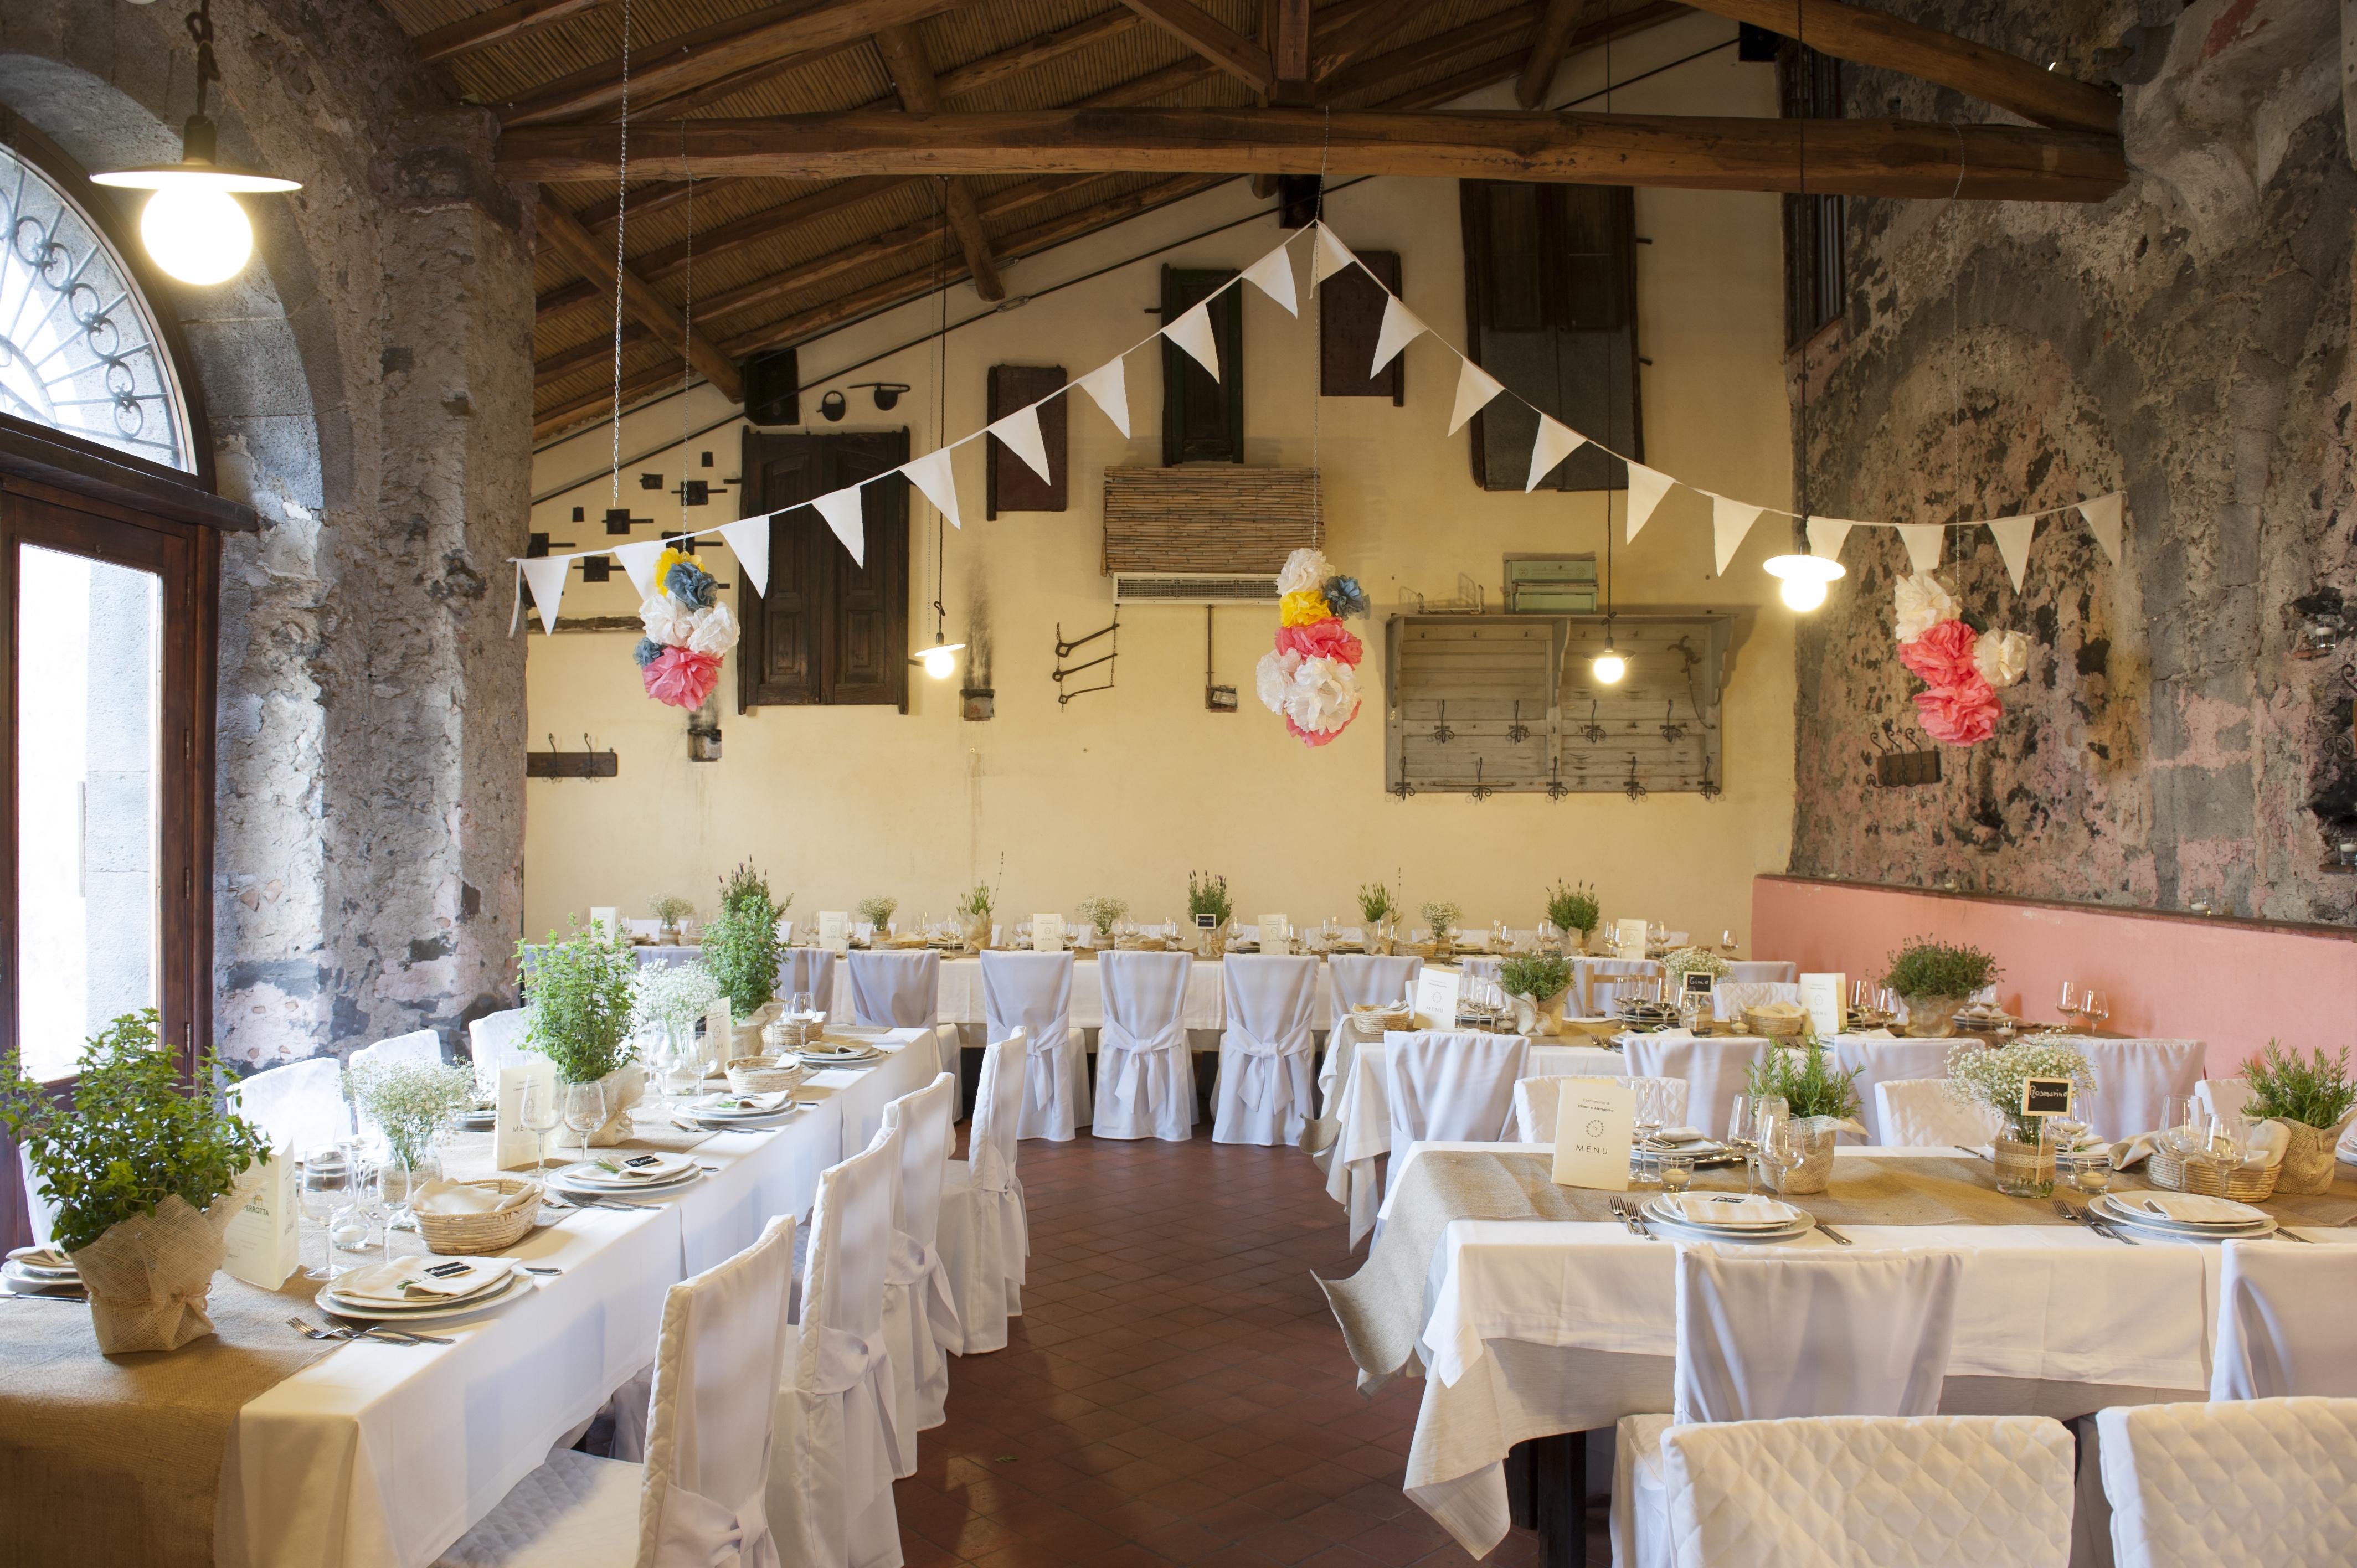 Matrimonio Country Chic Brescia : Gc i ricevimenti di case perrotta